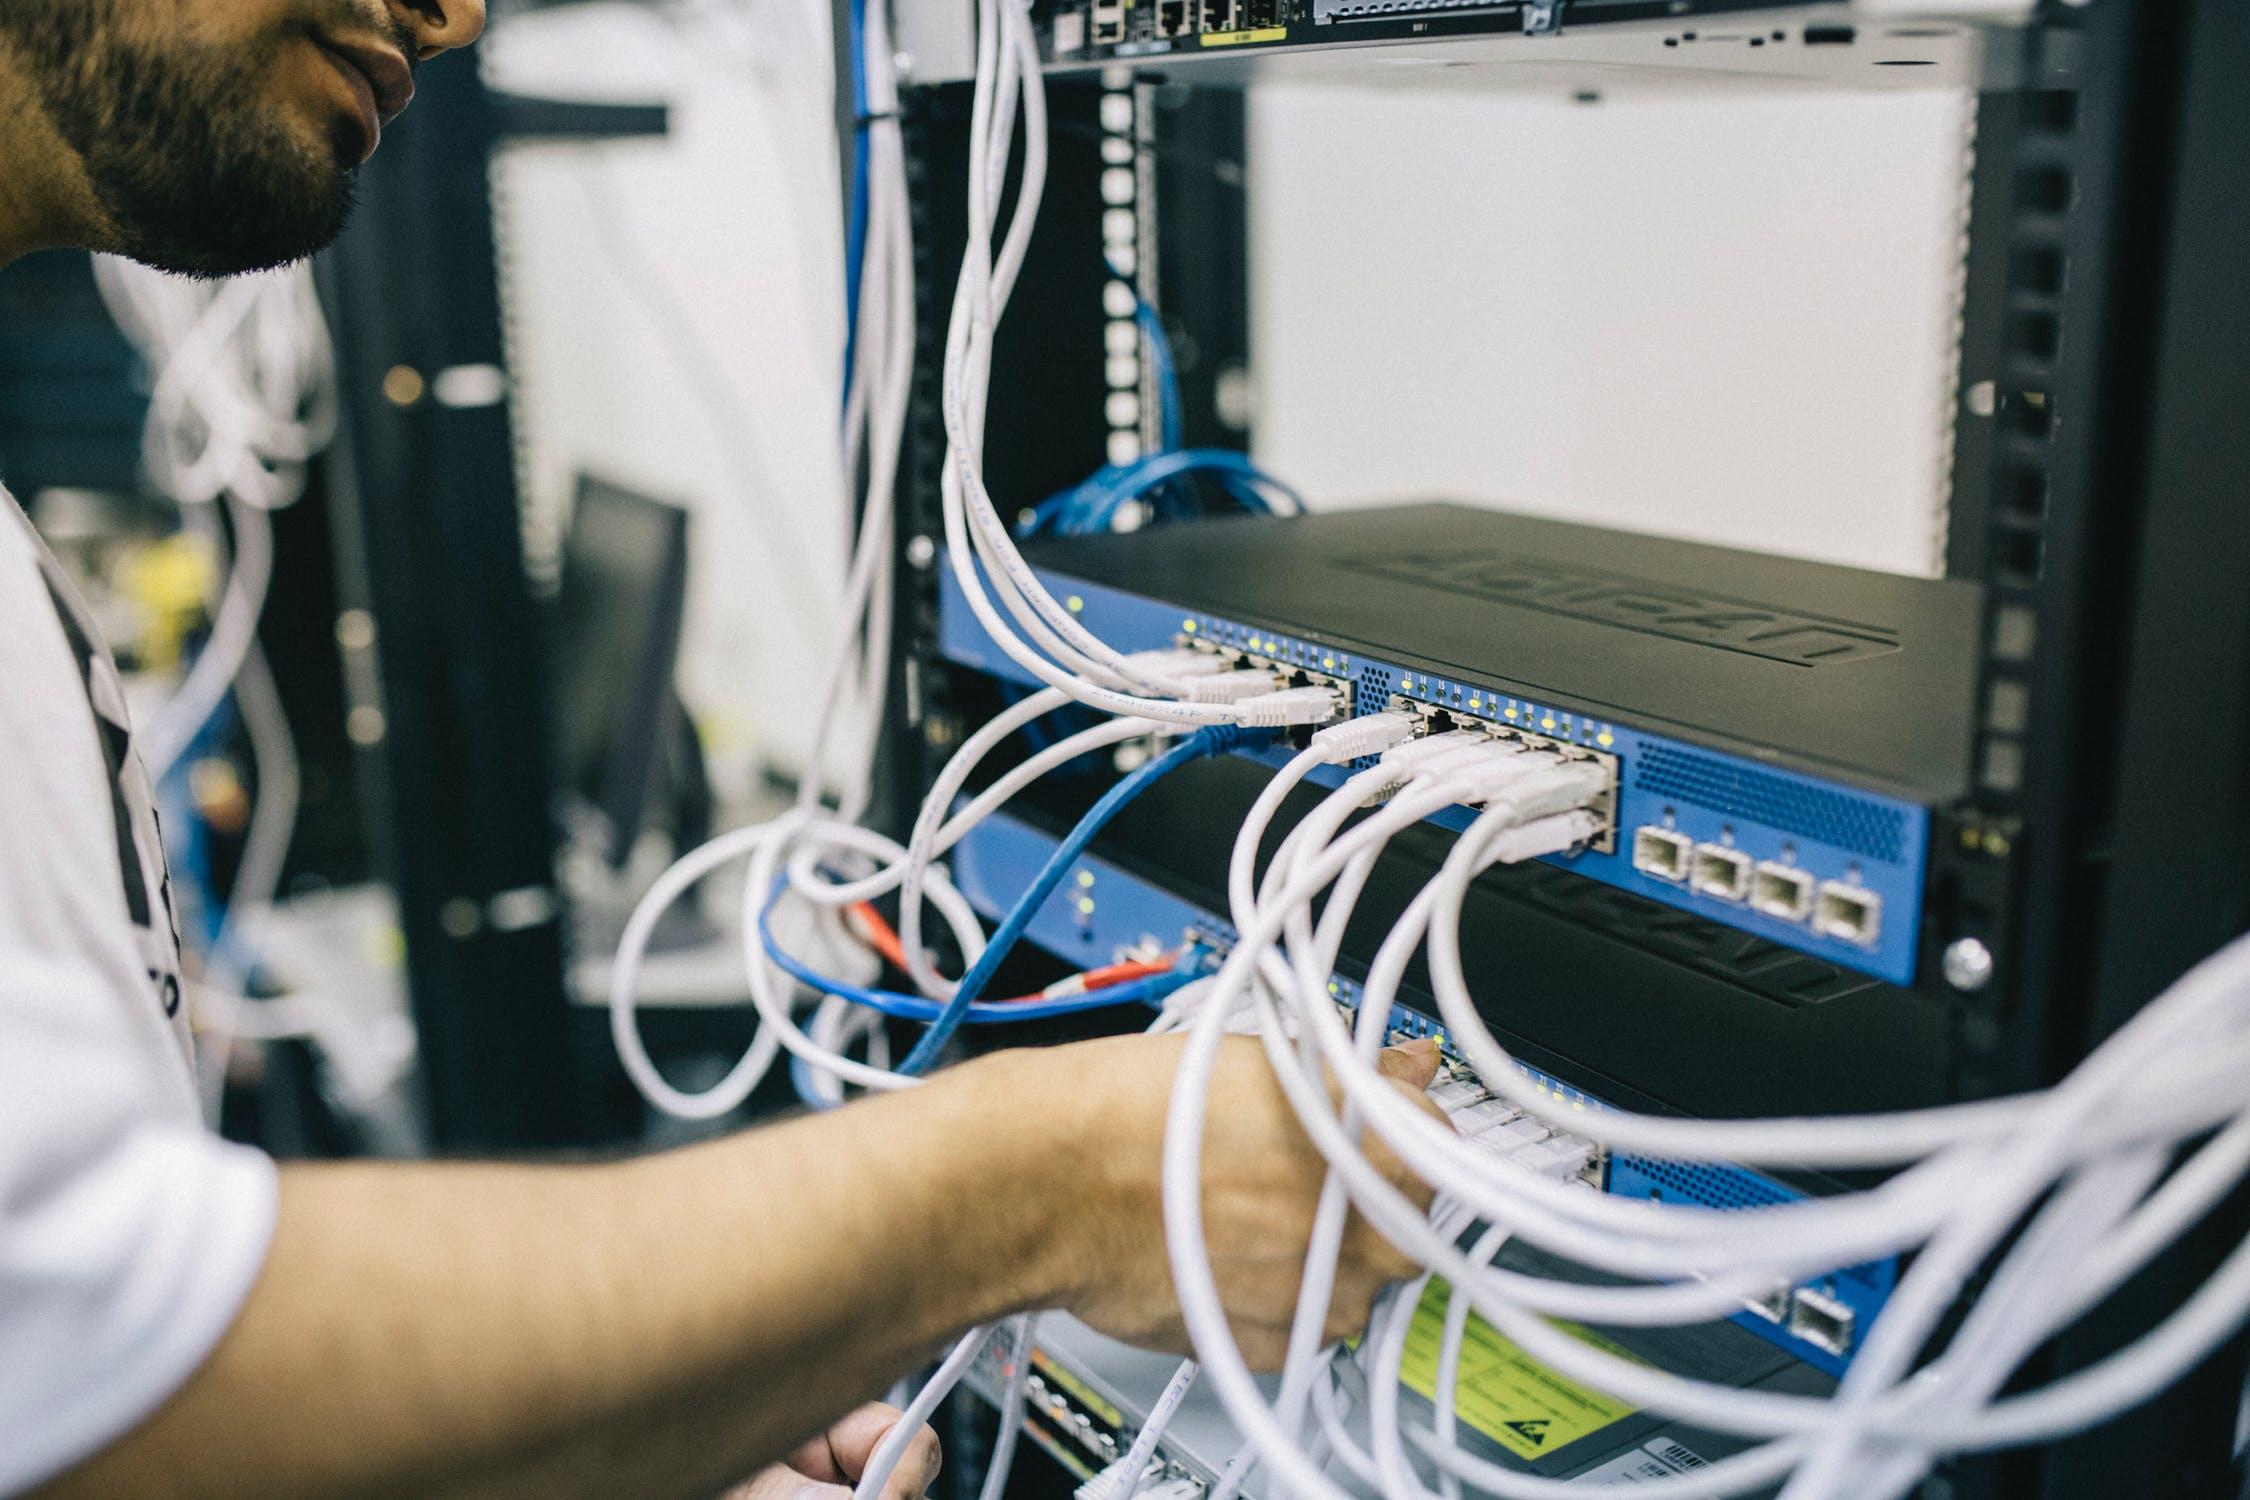 Servere med en masse kabler